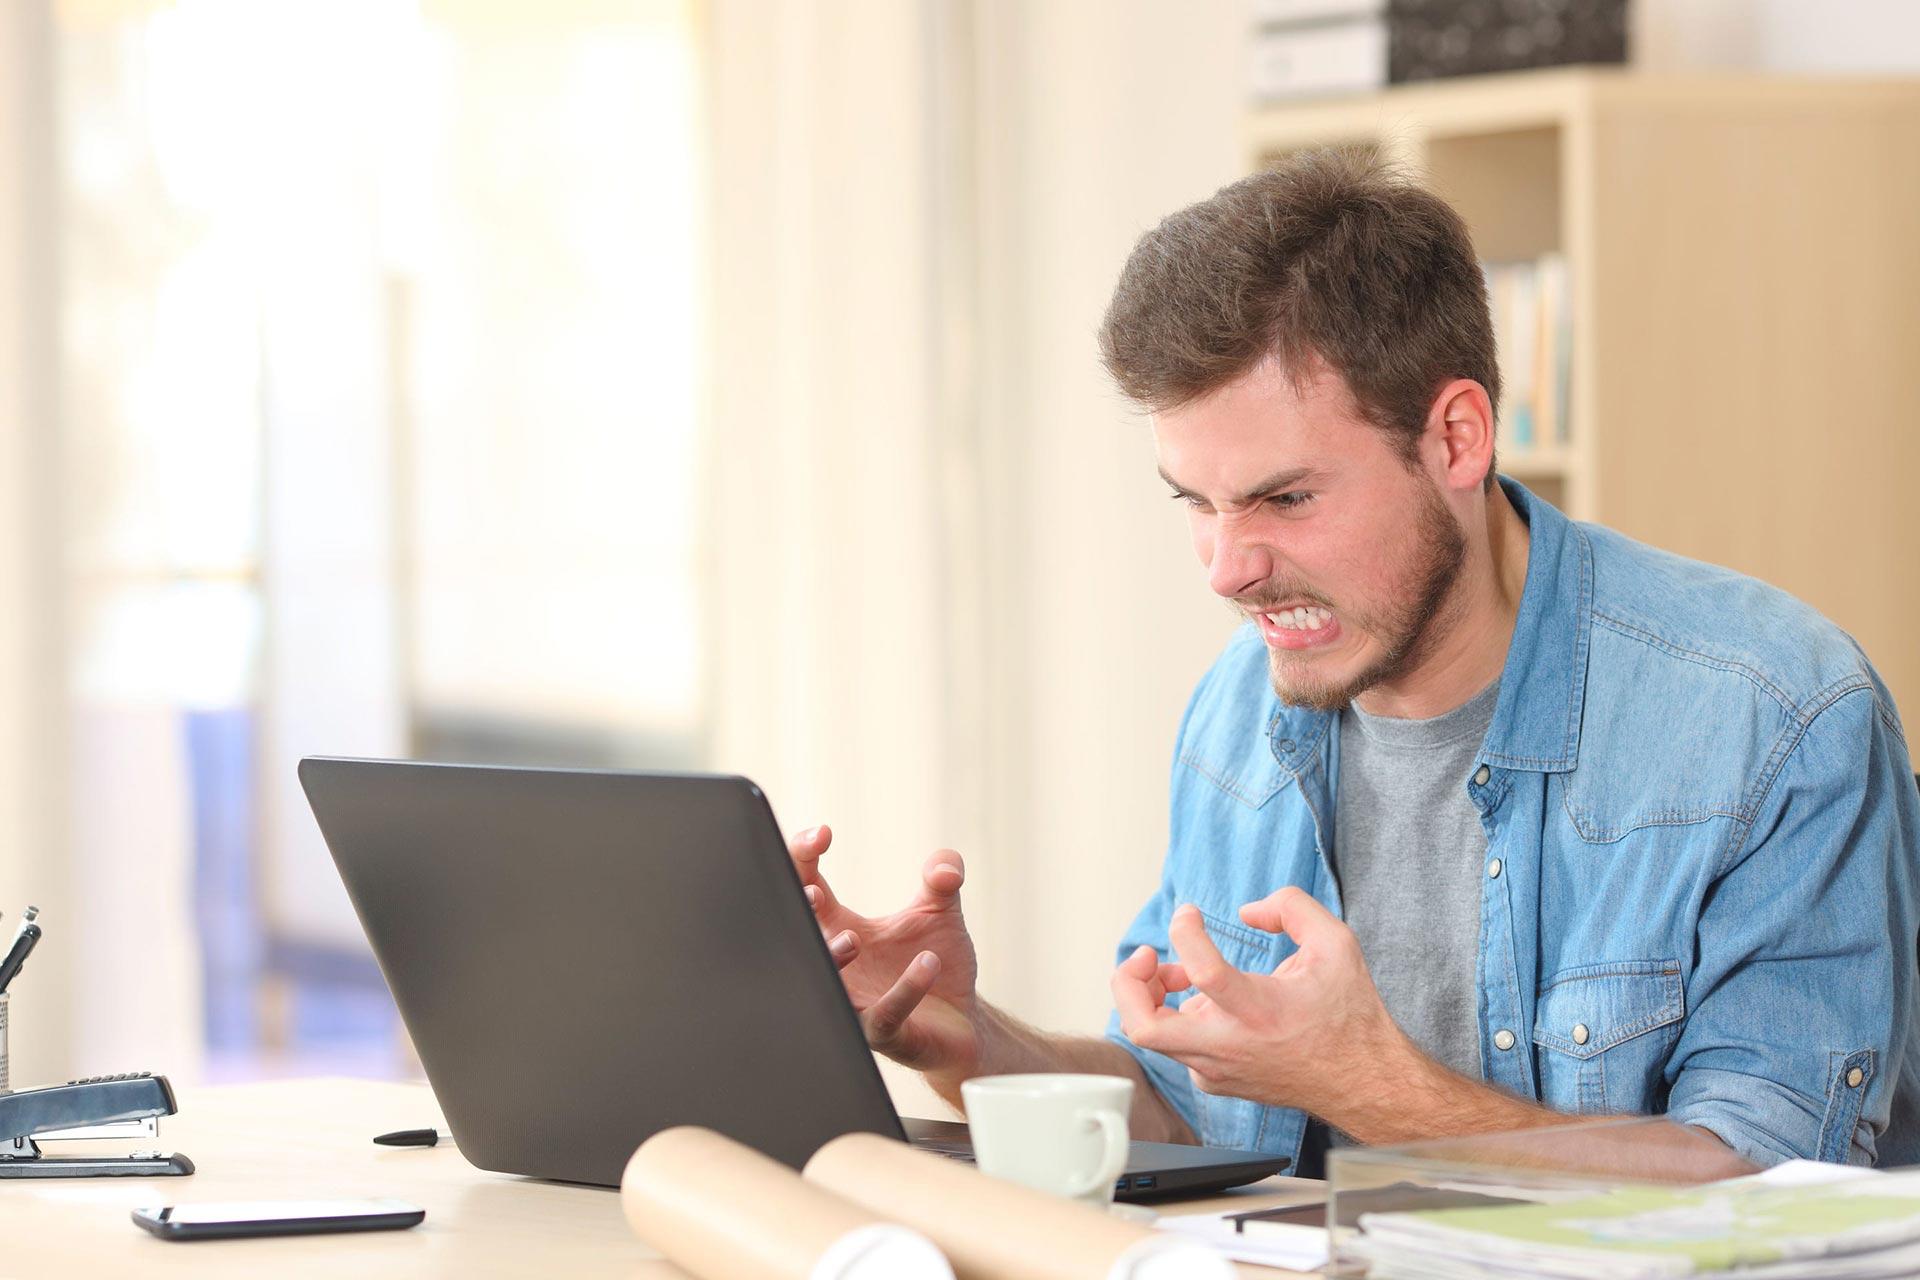 Вебинар: Зачем успешным людям психотерапия?